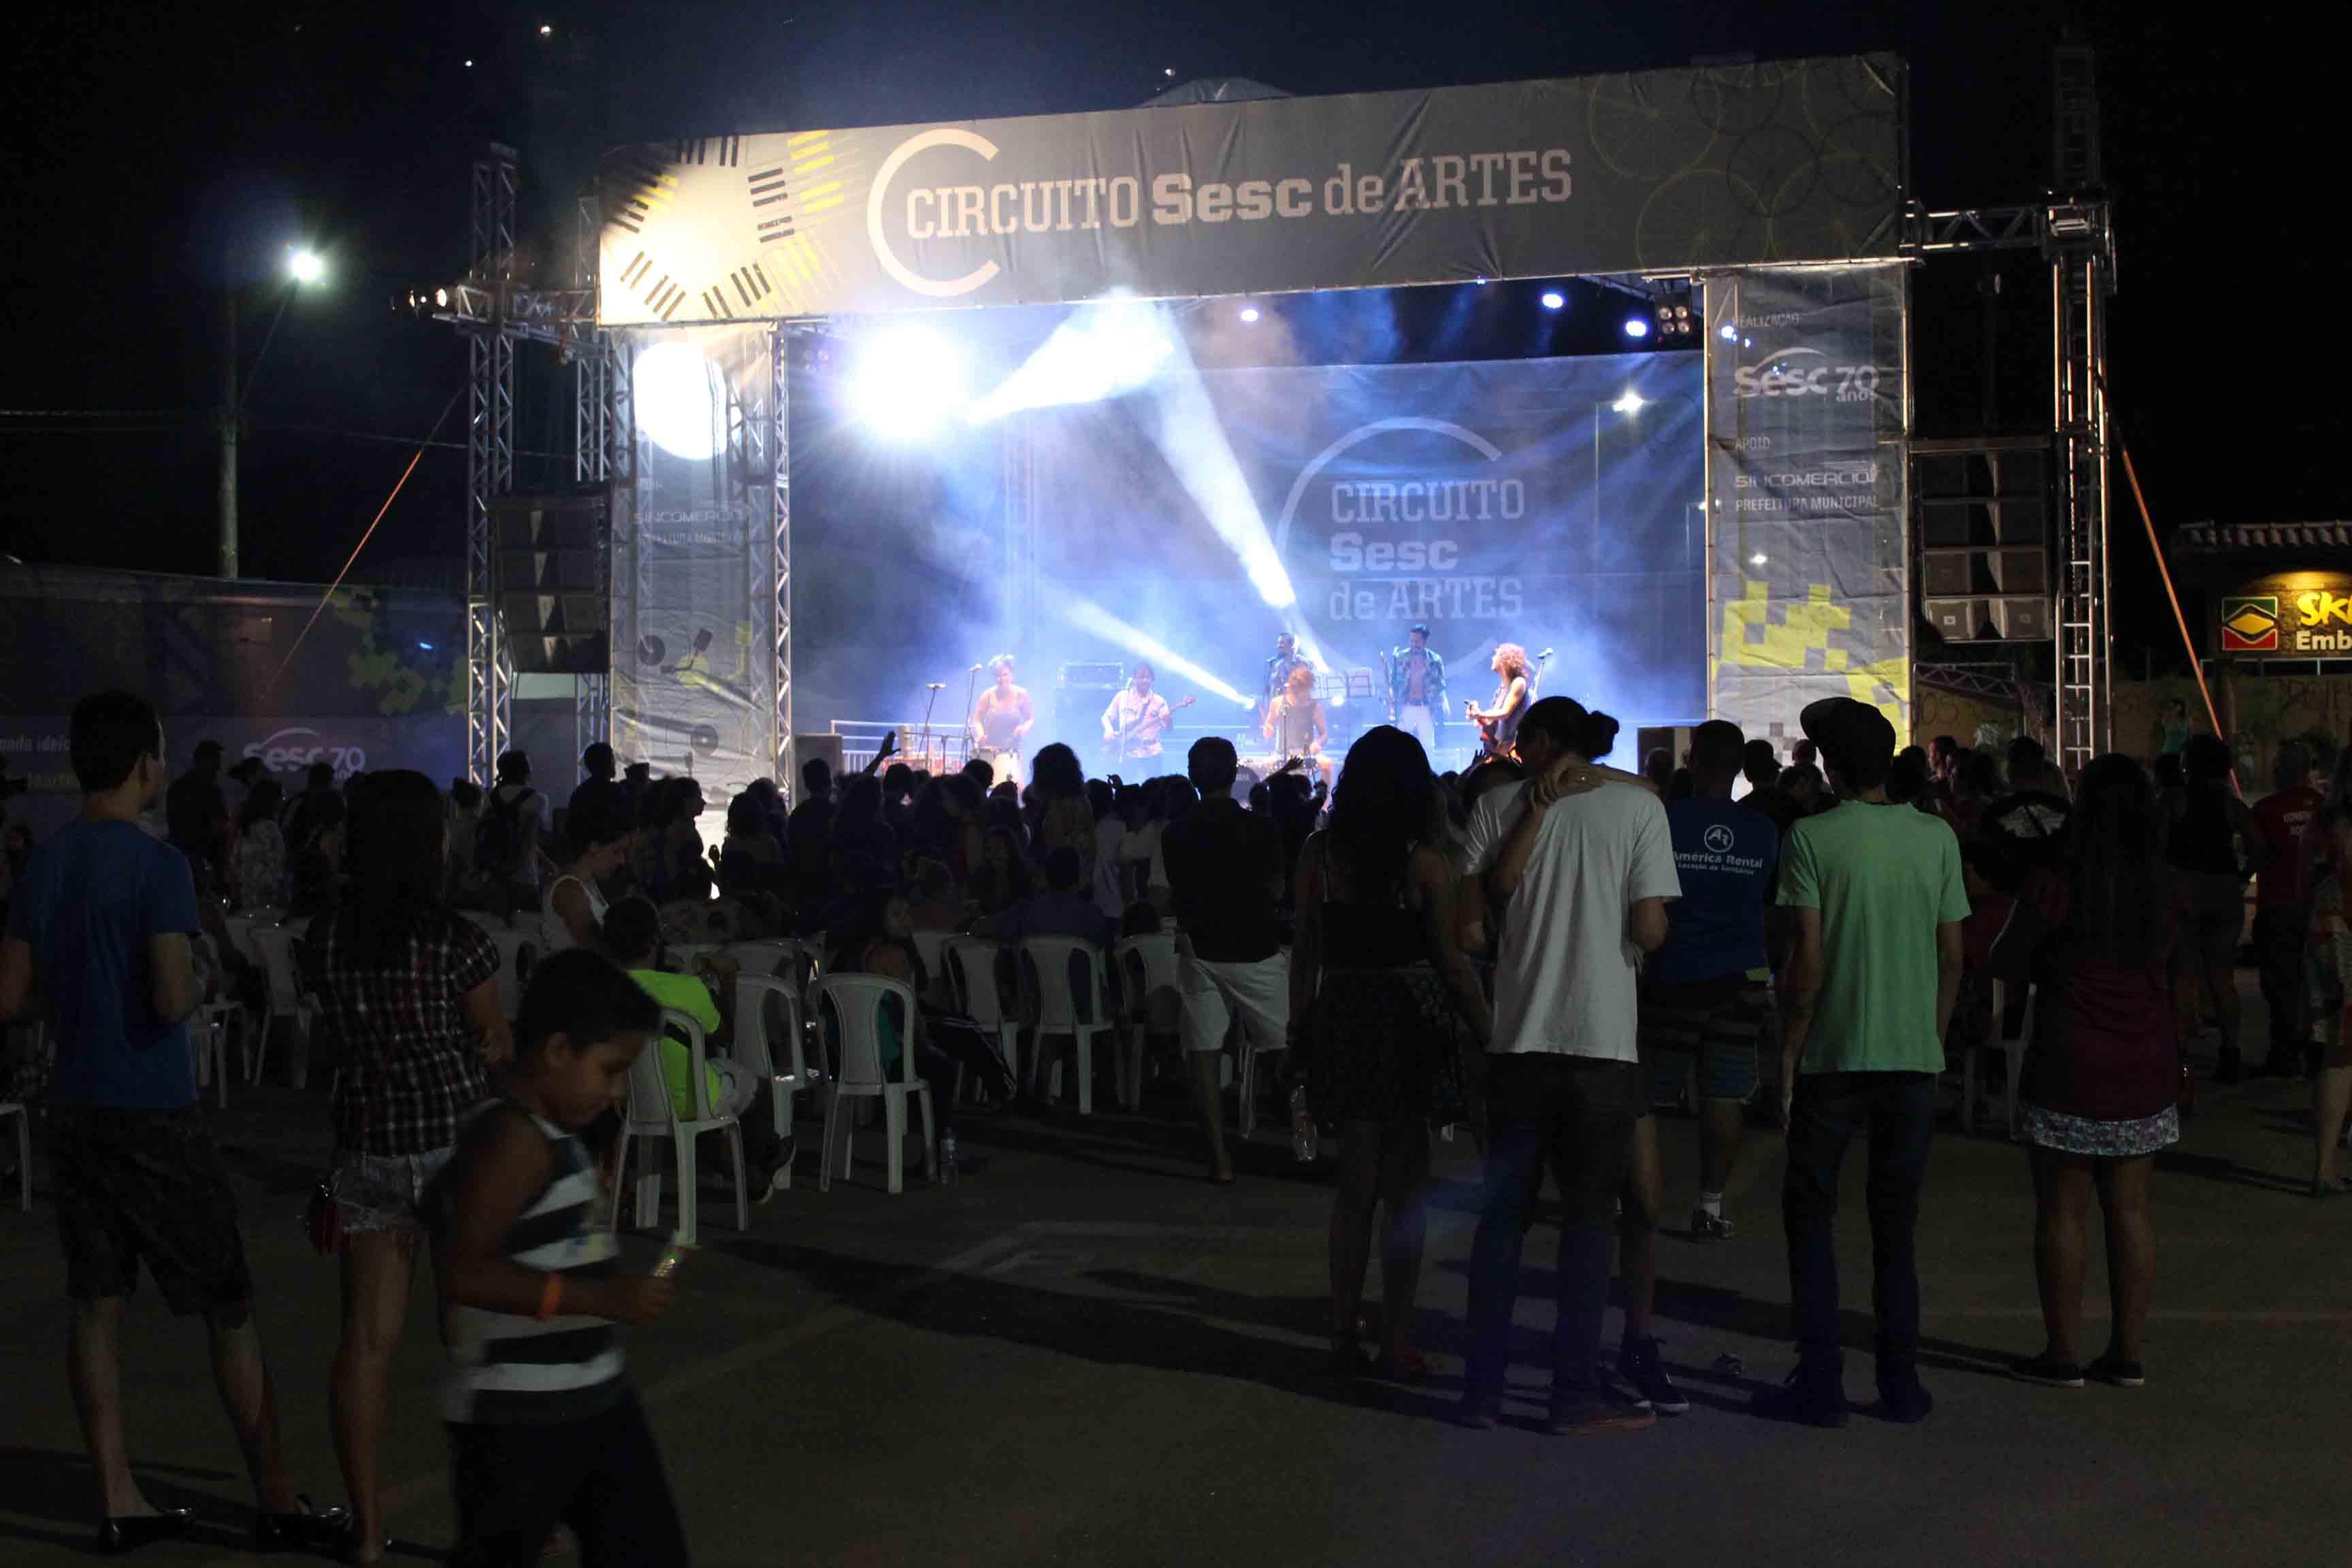 Circuito Cinema Sp : Circuito universitÁrio mobiliza mais de mil alunos no senac